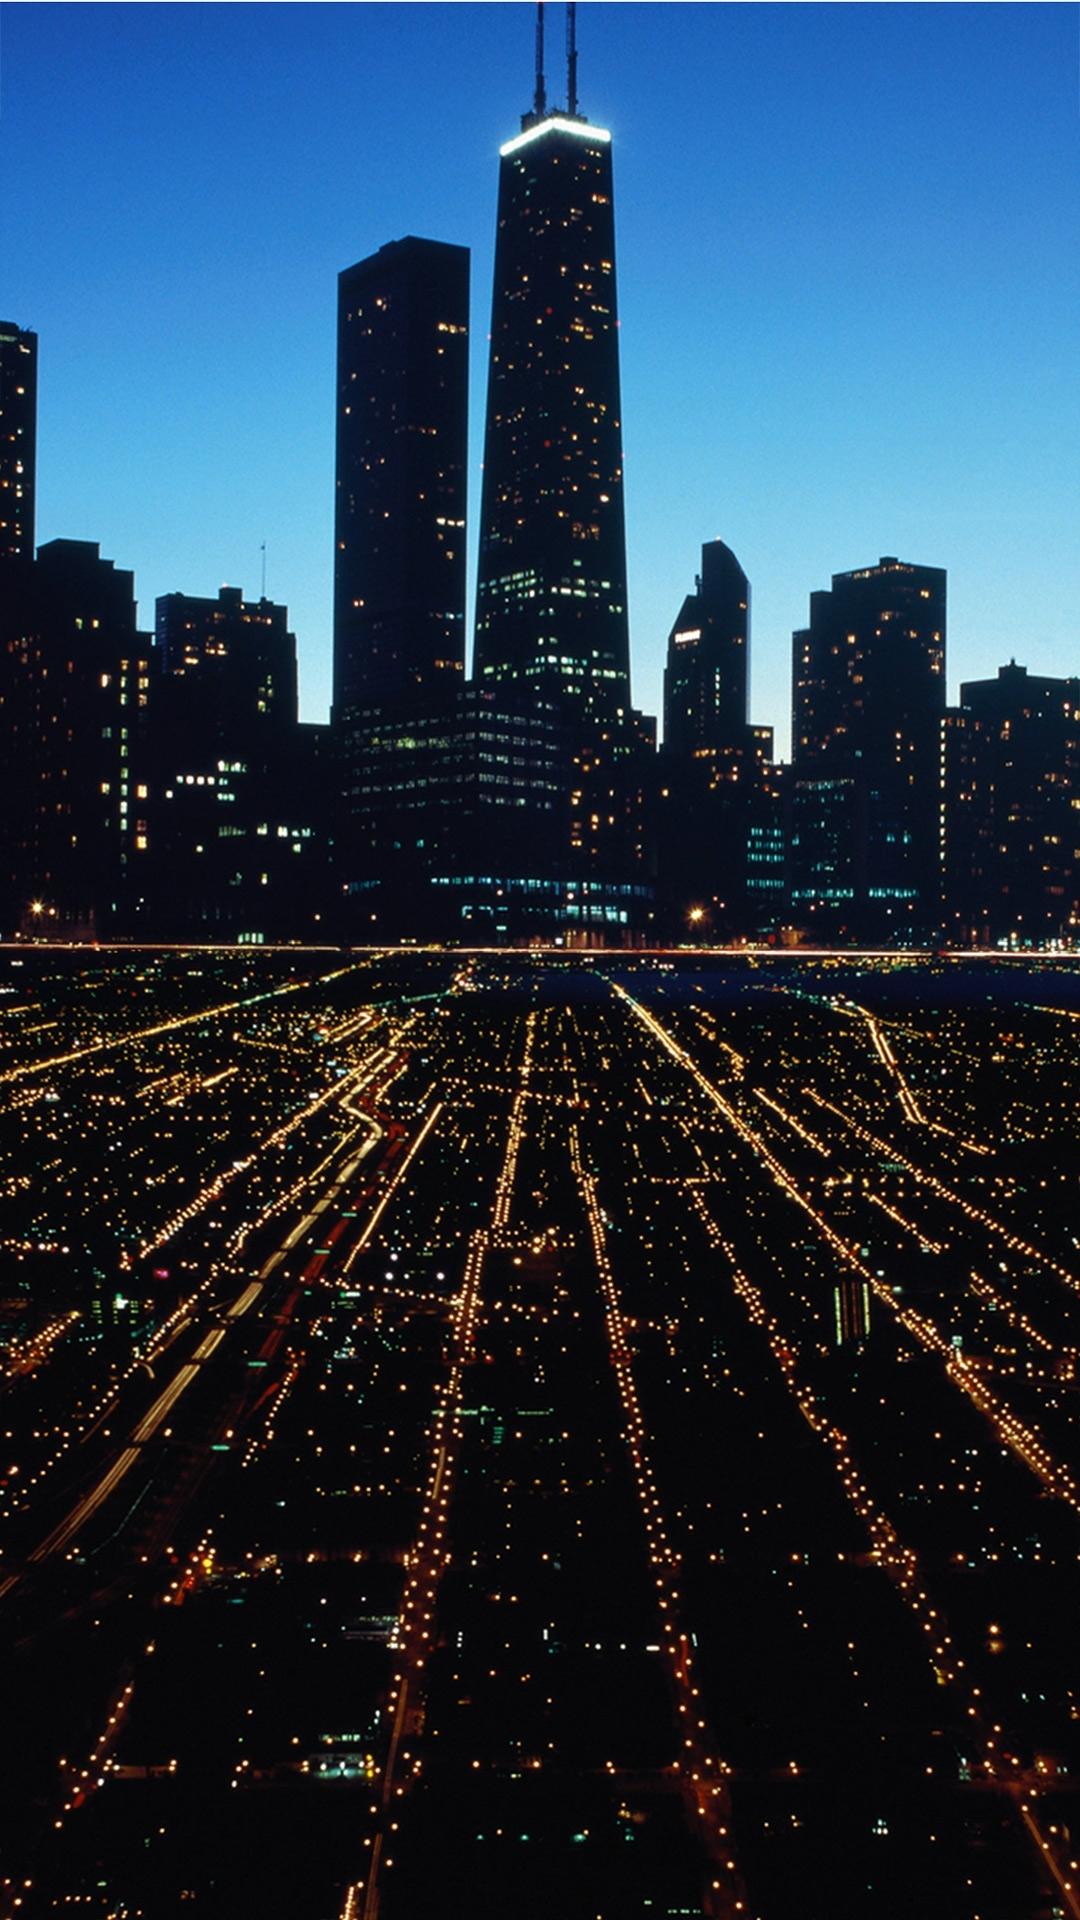 chicago iphone pictures. - media file | pixelstalk